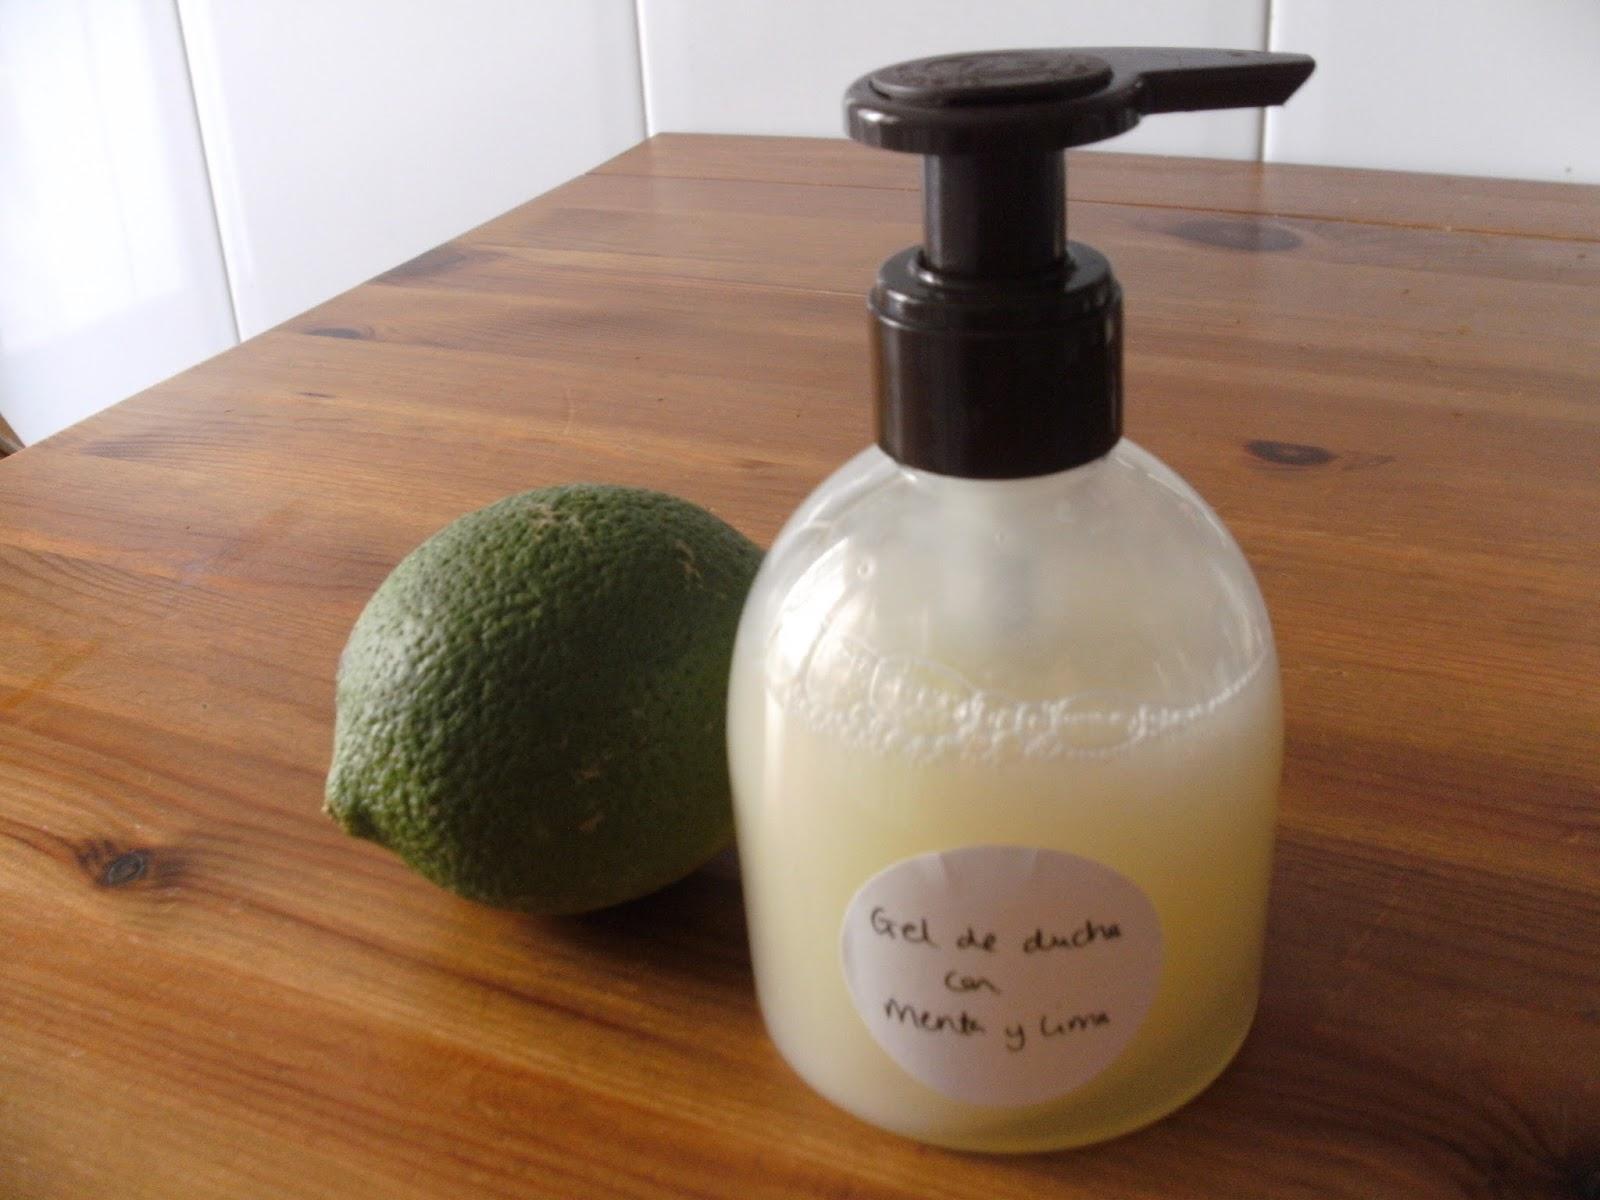 Receta gel de ducha refrescante Blog